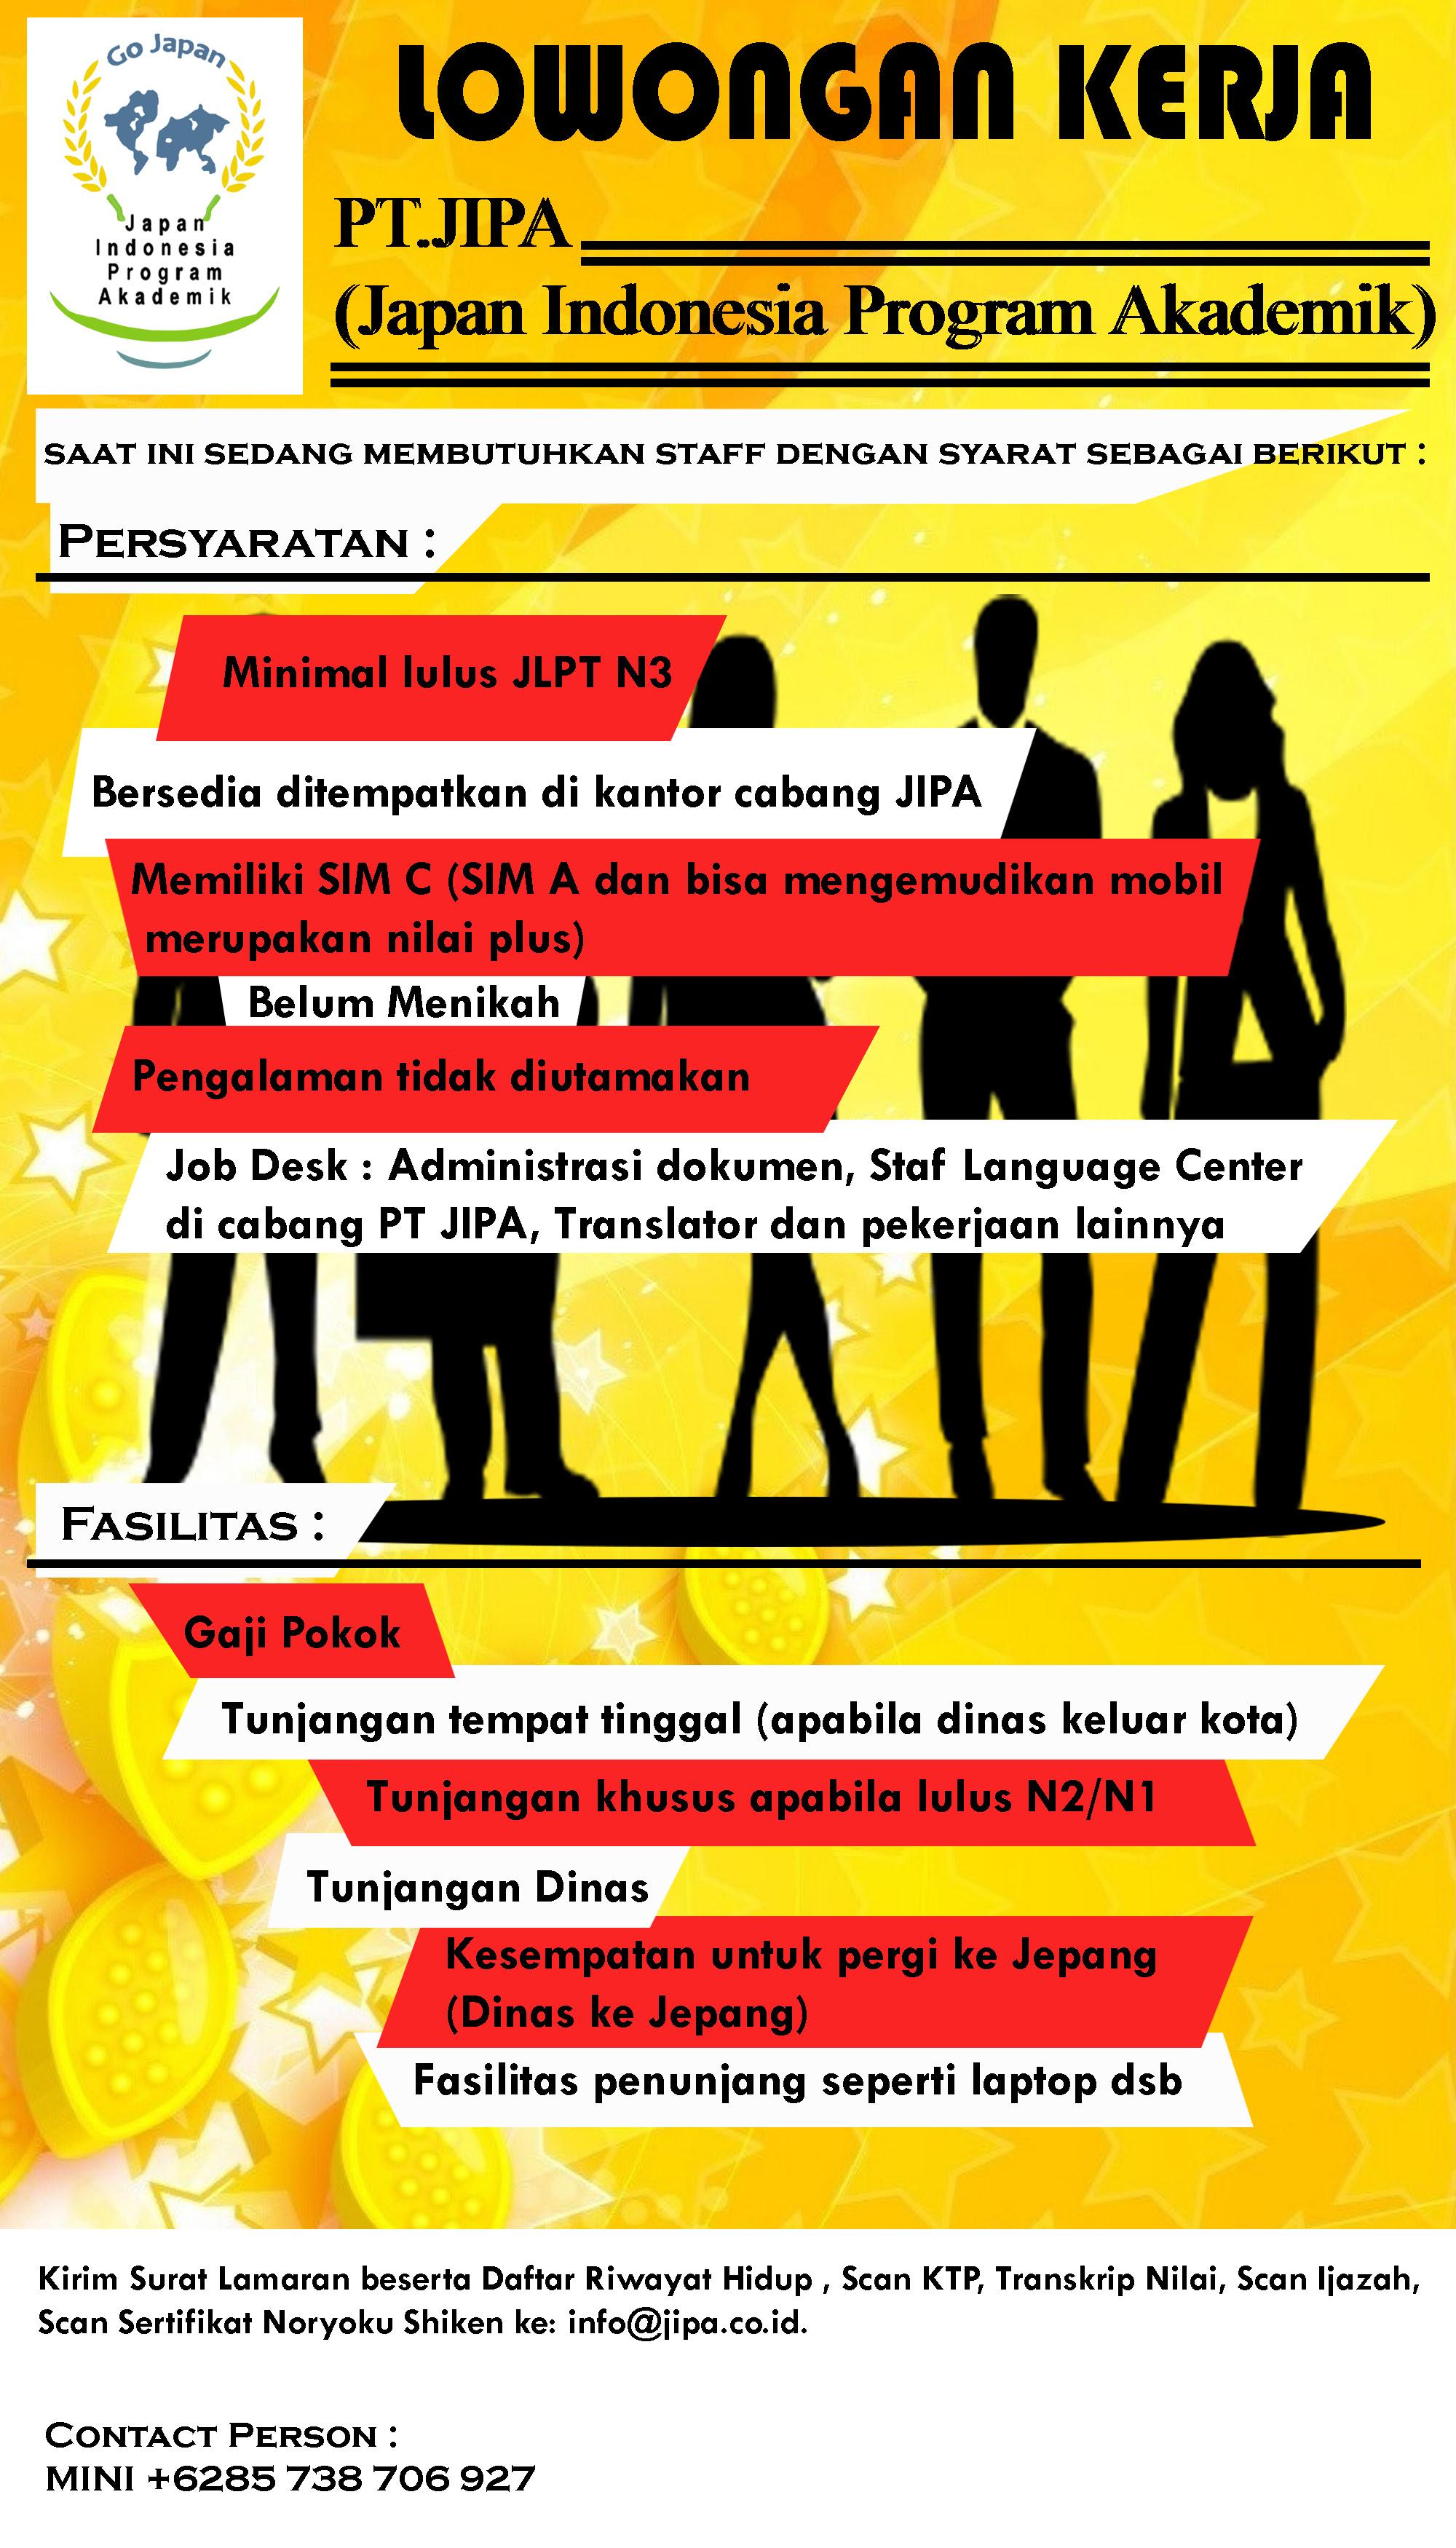 Berita JIPA | PT. JIPA